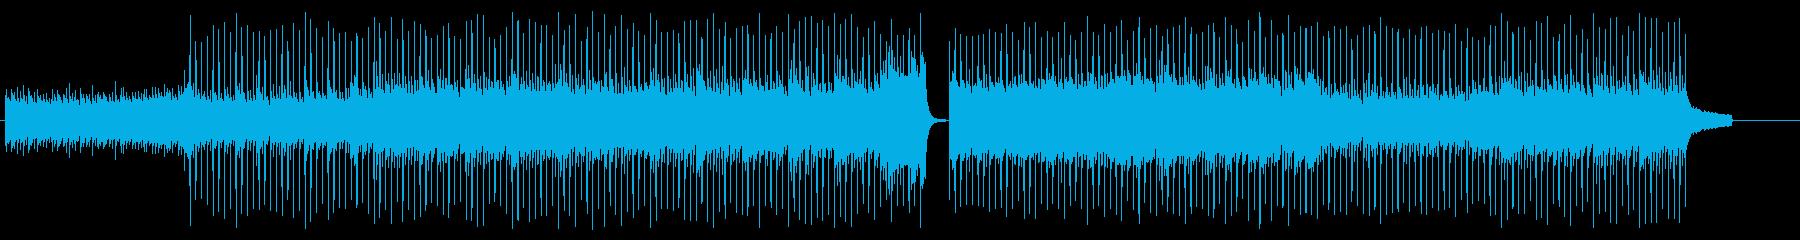 爽やかなピアノ・バイオリン・ポップメロ無の再生済みの波形